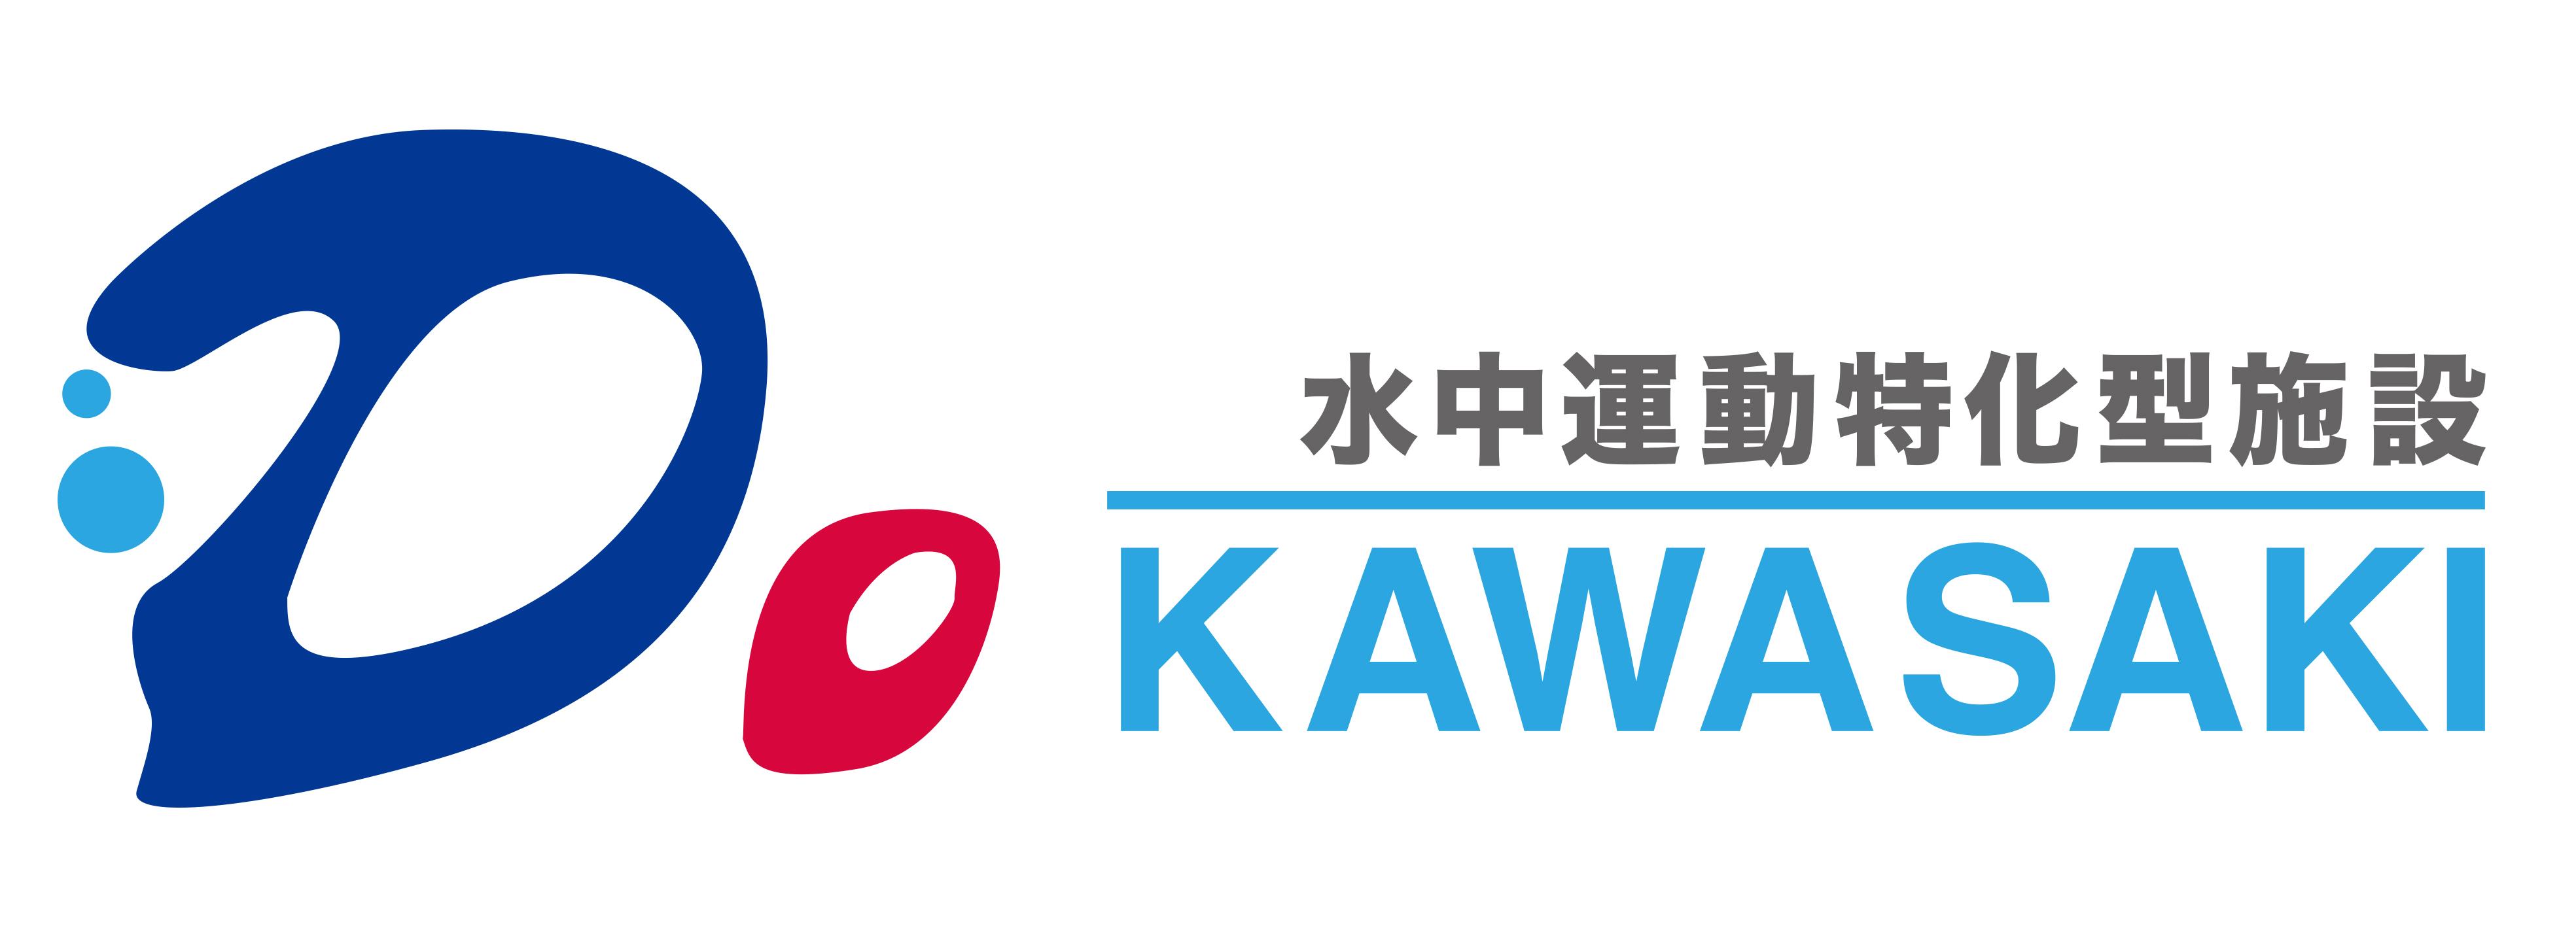 Do KAWASAKI